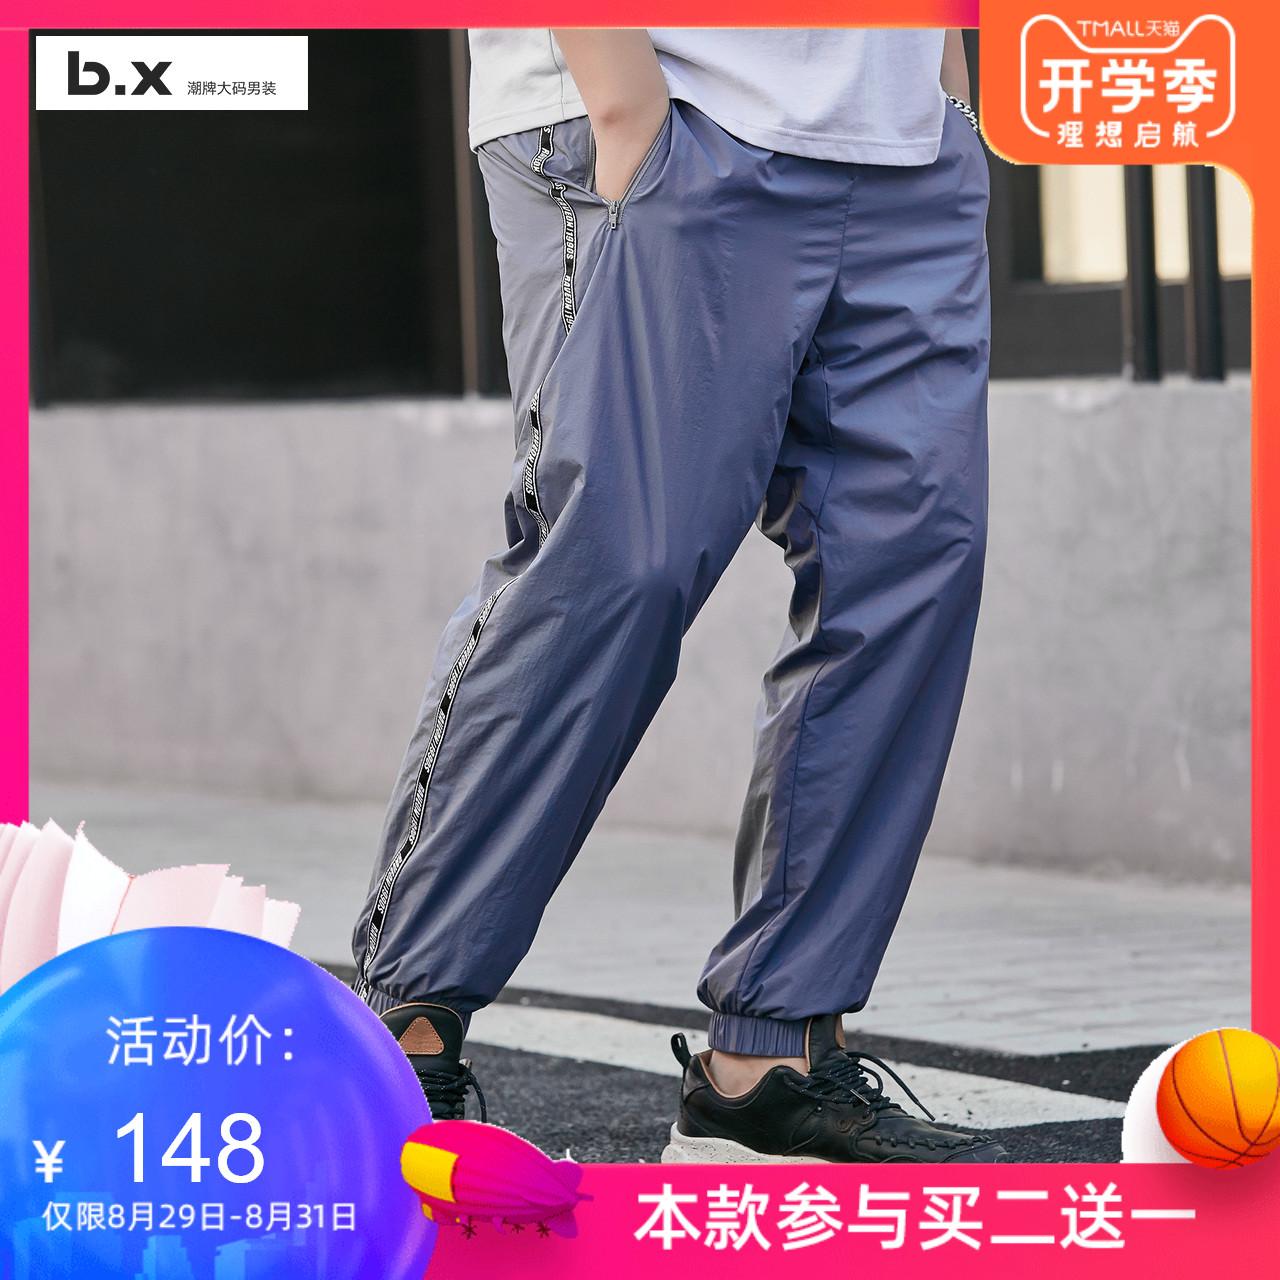 B.X潮牌大码休闲裤男装新品宽松运动长裤男胖子加肥加大束脚裤BX